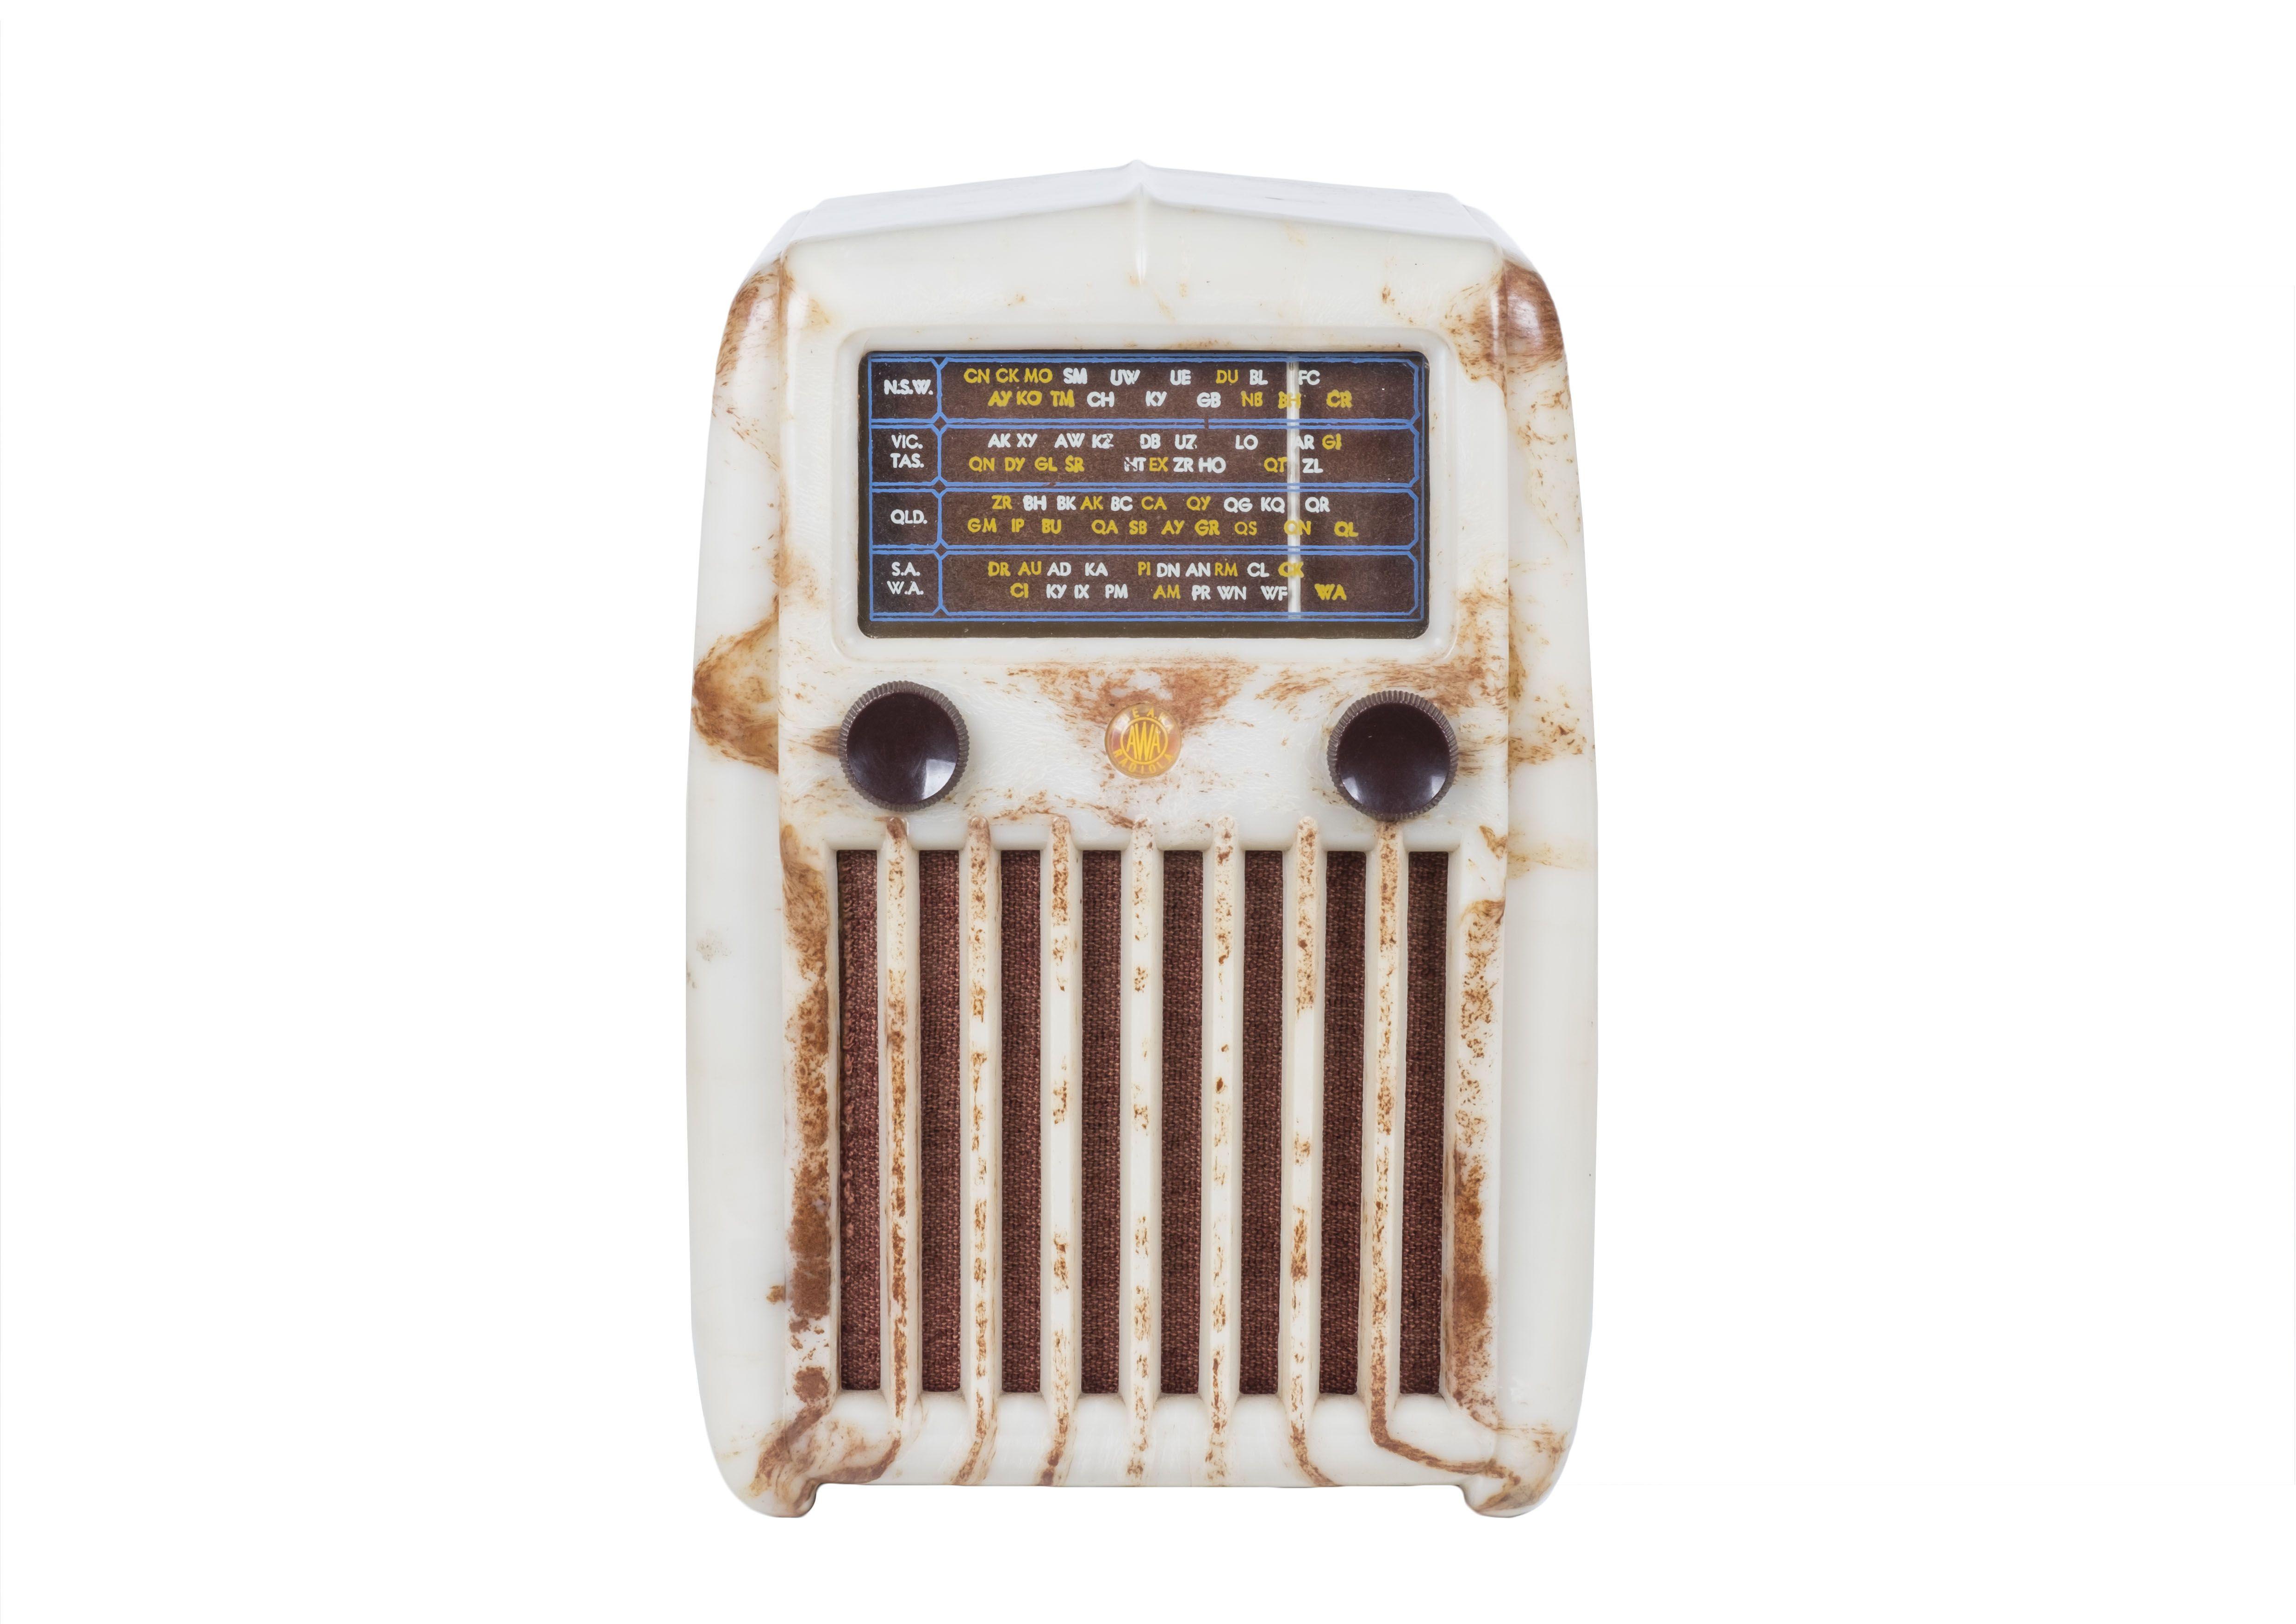 1950 Awa 520my Fridge Radio Australia Vintage Radio Old Radios Vintage Valve